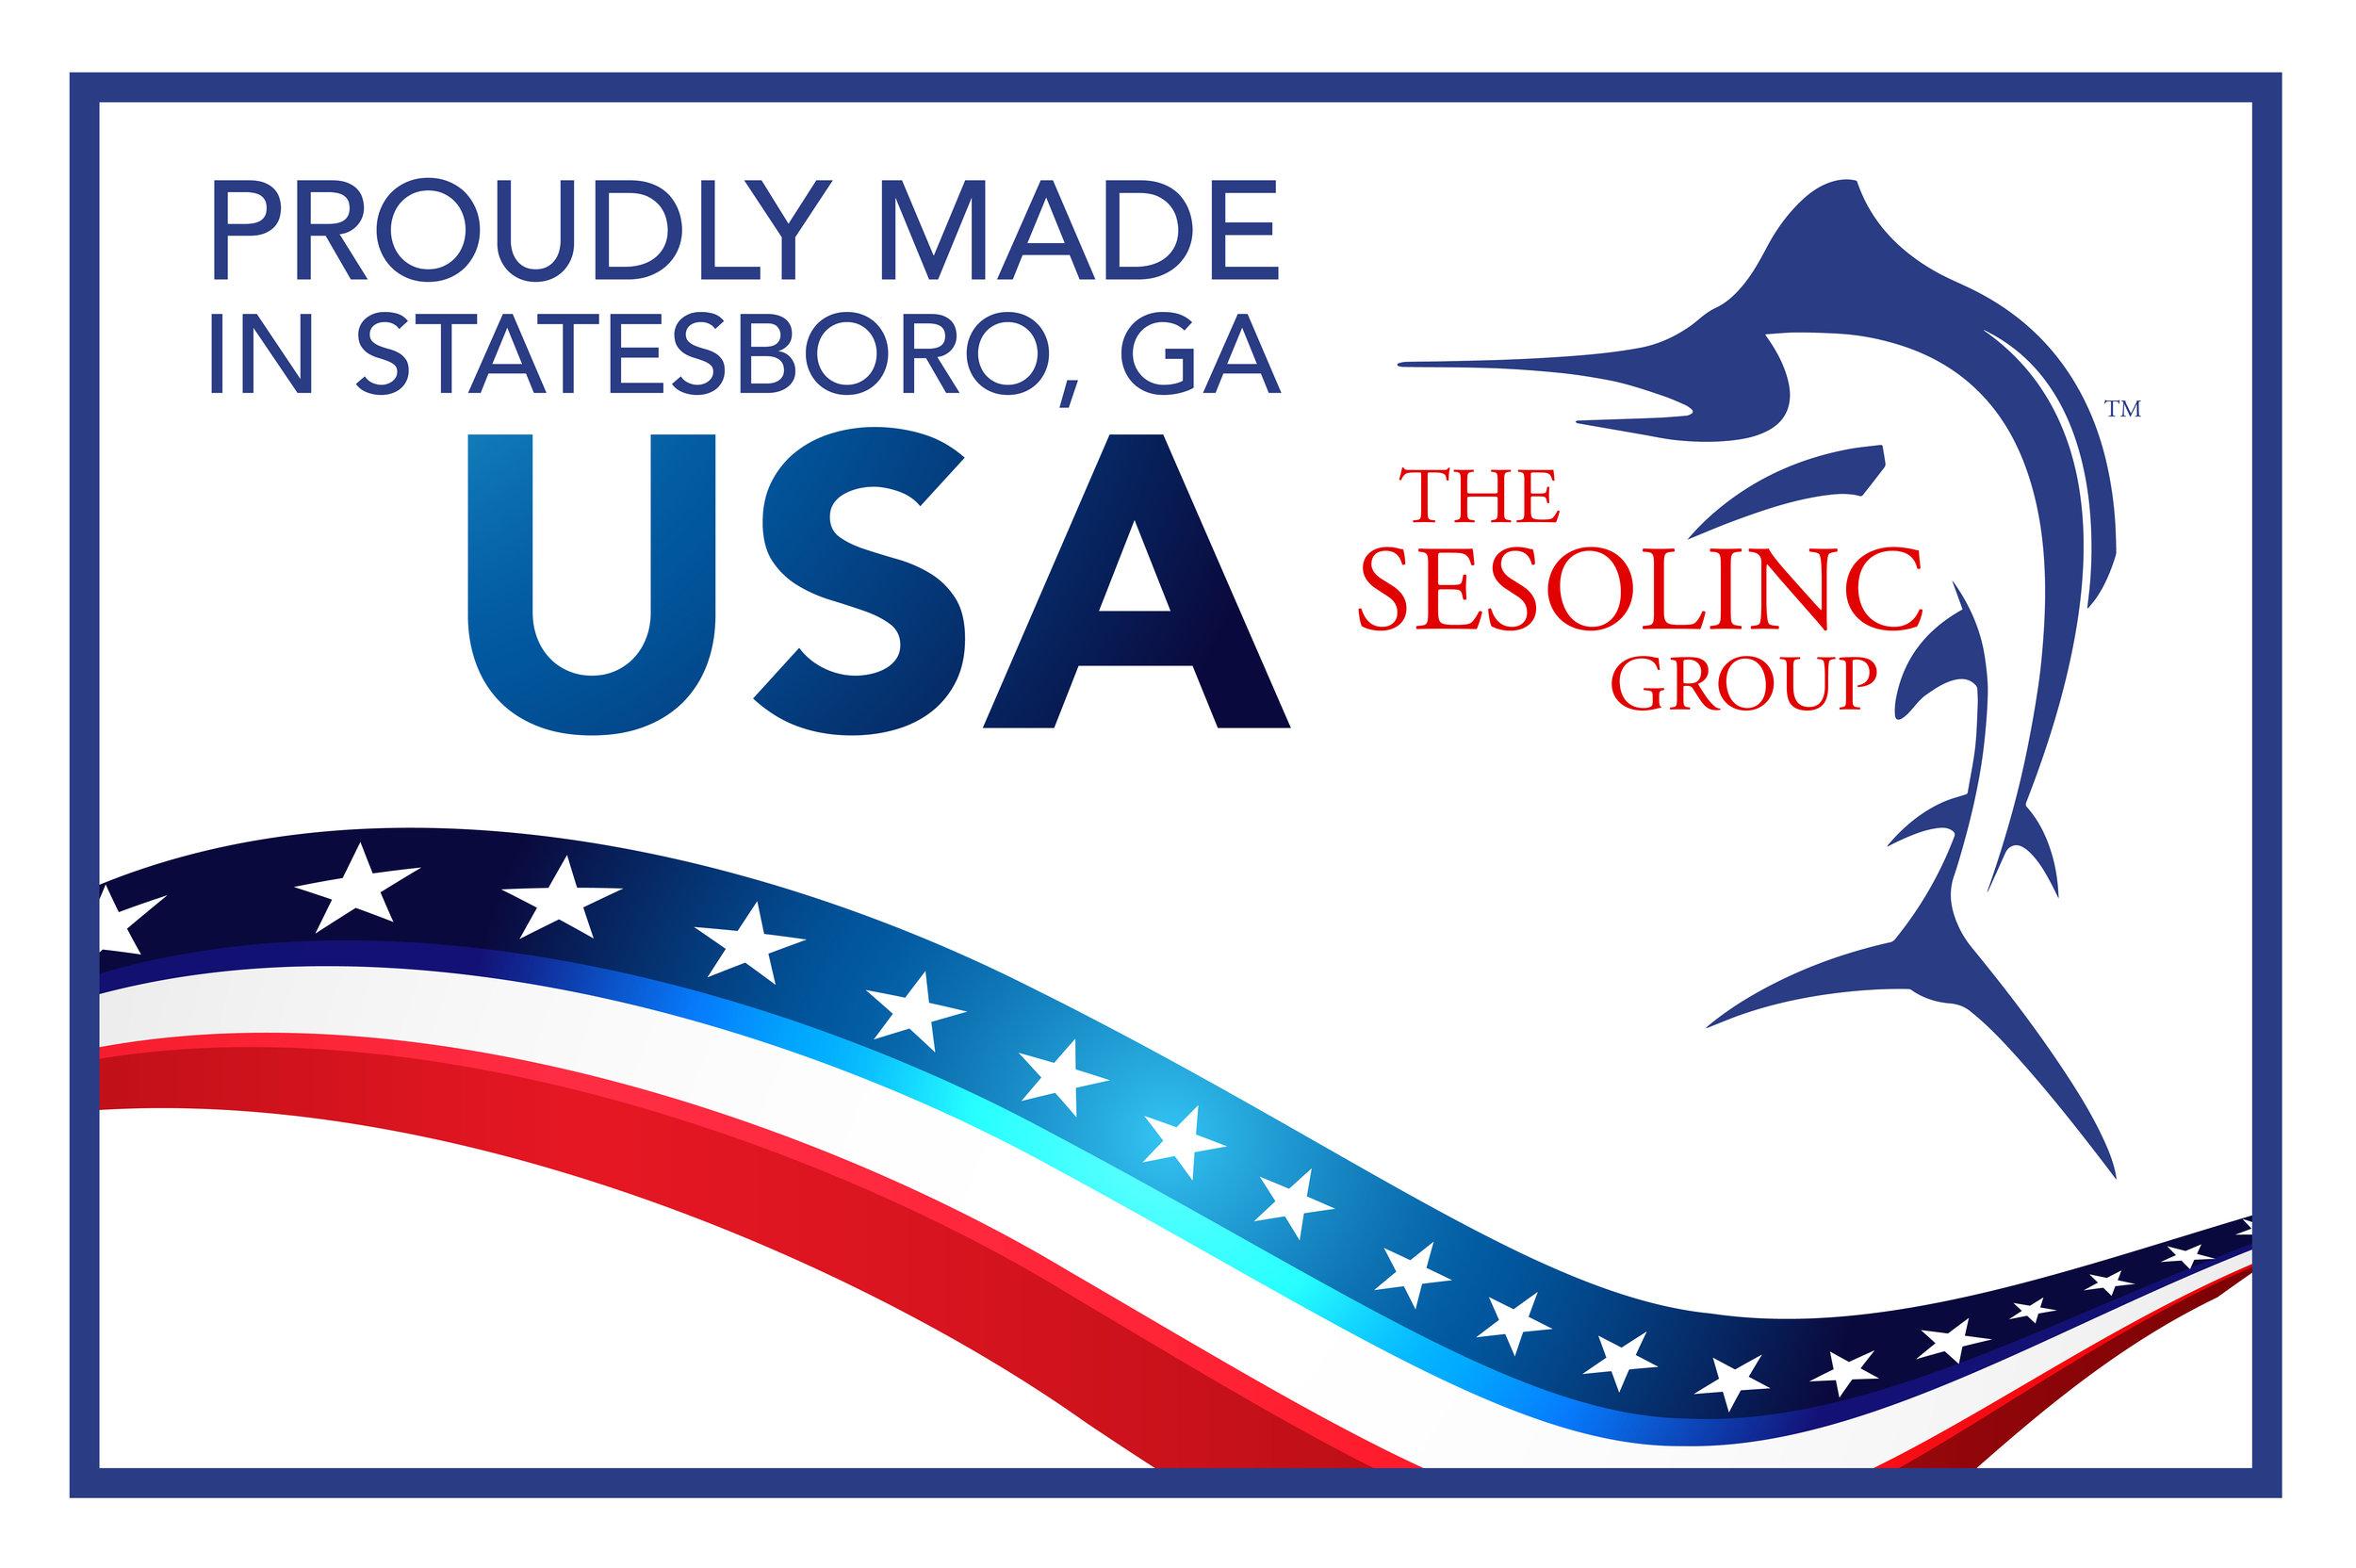 sesolinc-logos-made-in-usa-v2.jpg